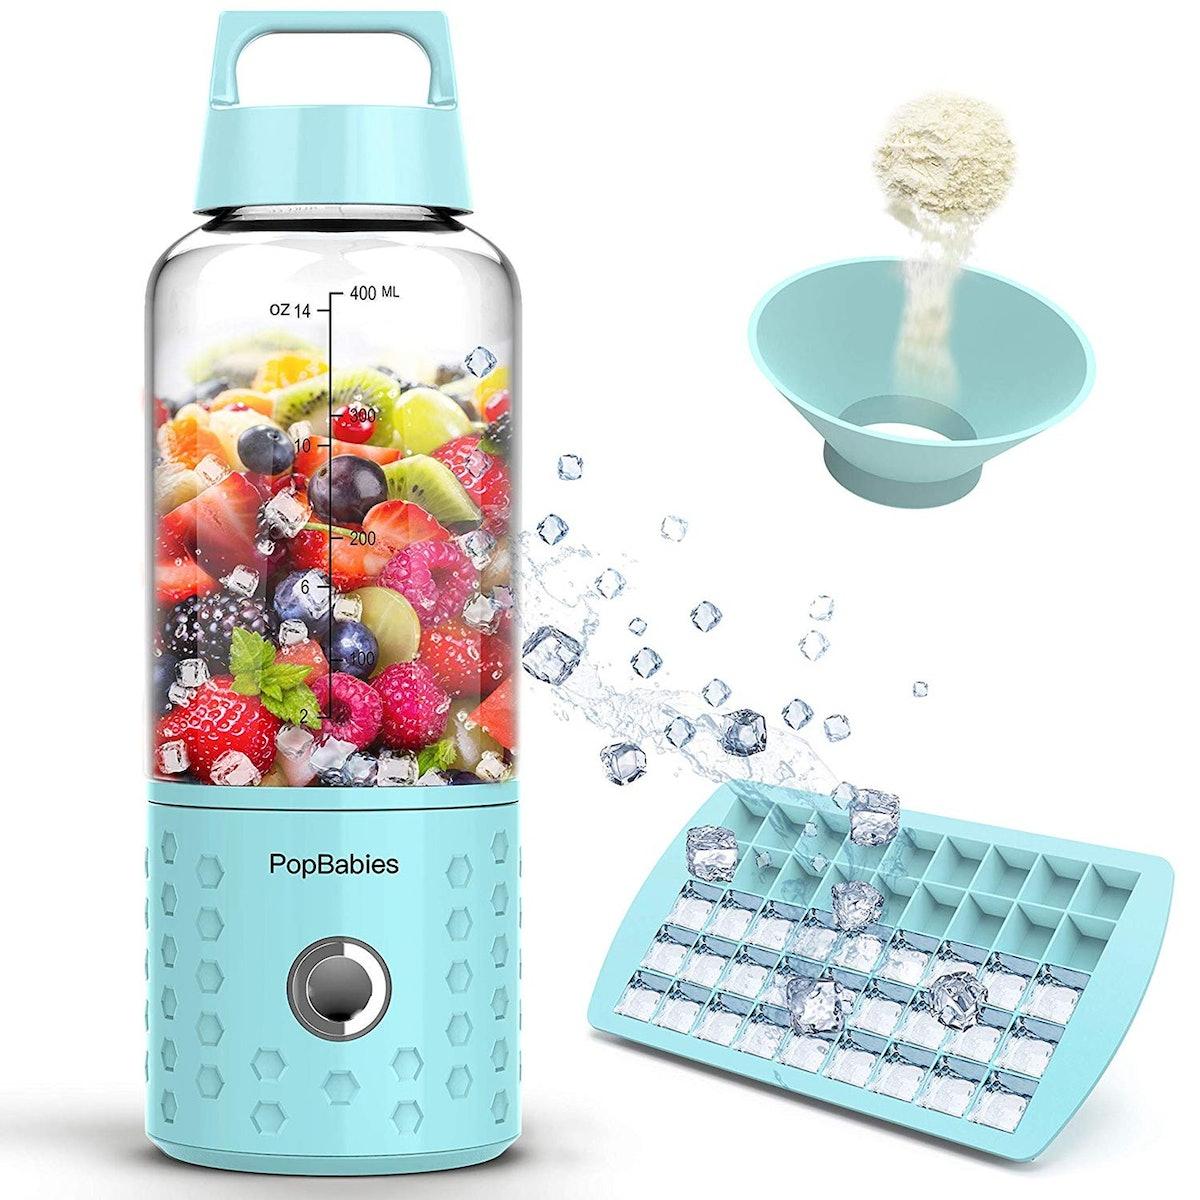 PopBabies Personal Blender